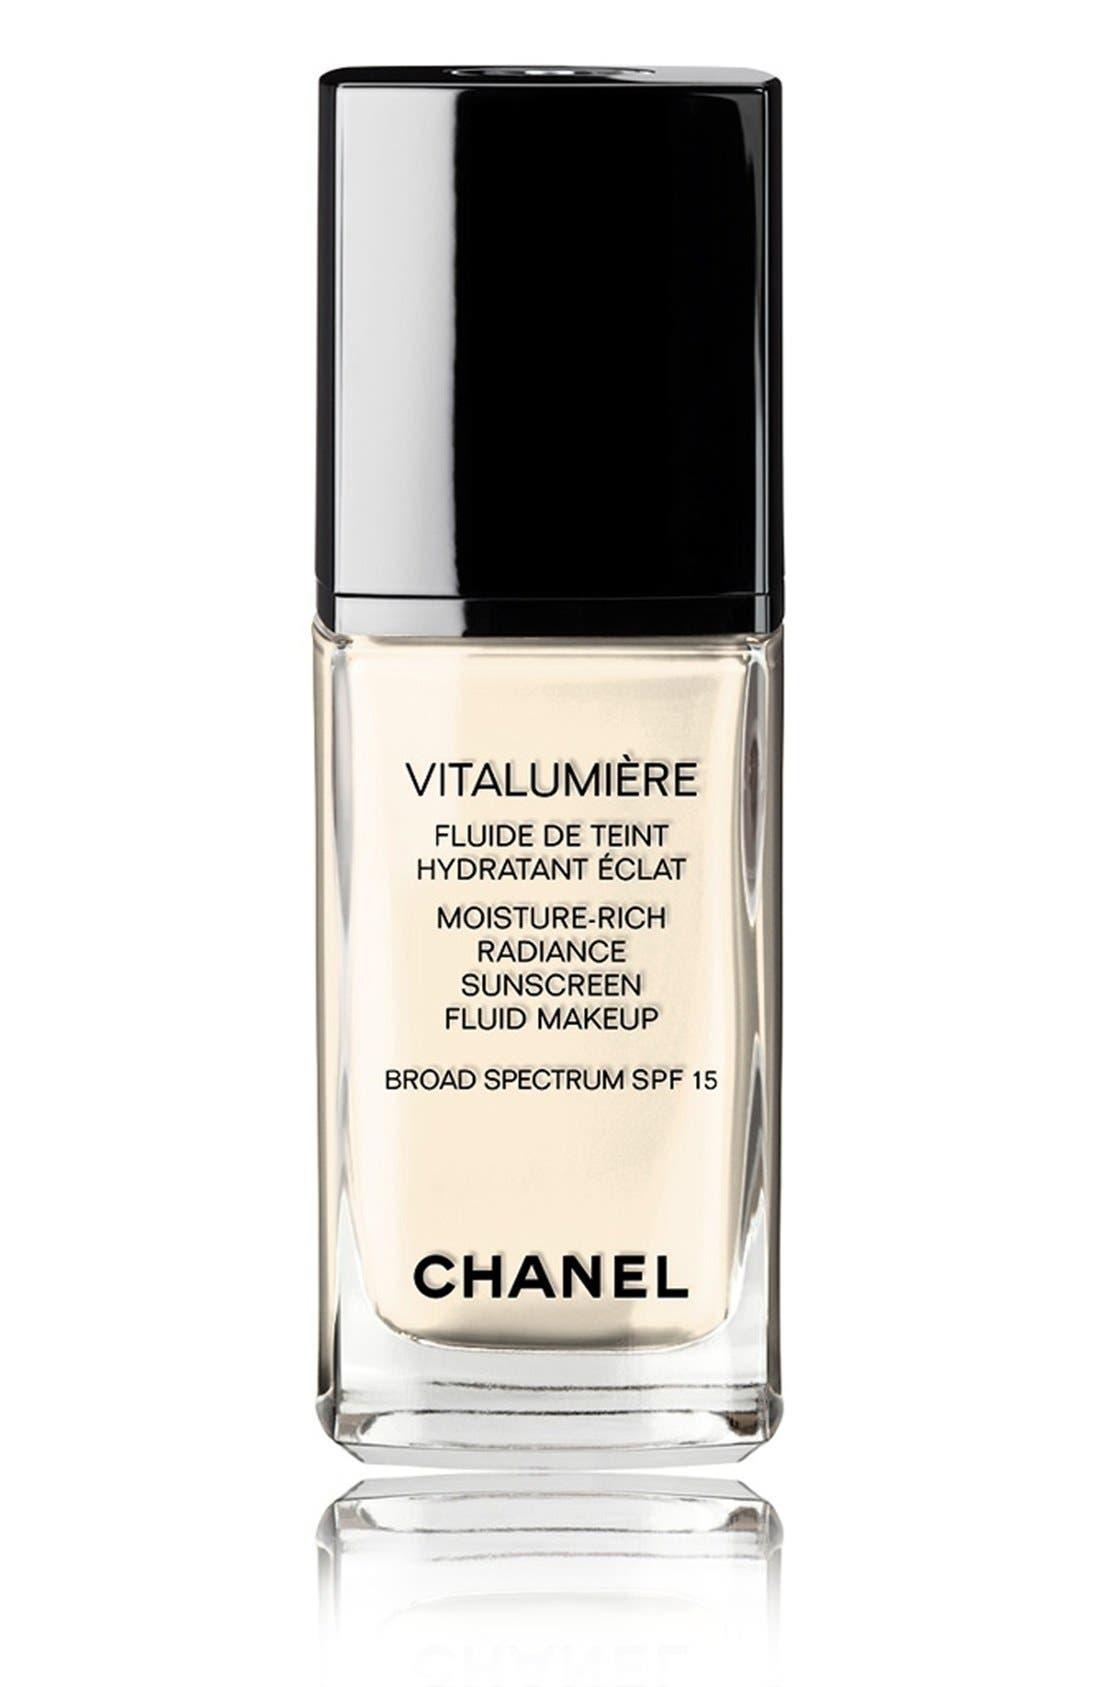 VITALUMIÈRE<br />Moisture-Rich Radiance Sunscreen Fluid Makeup Broad Spectrum SPF 15,                             Main thumbnail 1, color,                             07 IVOIRE